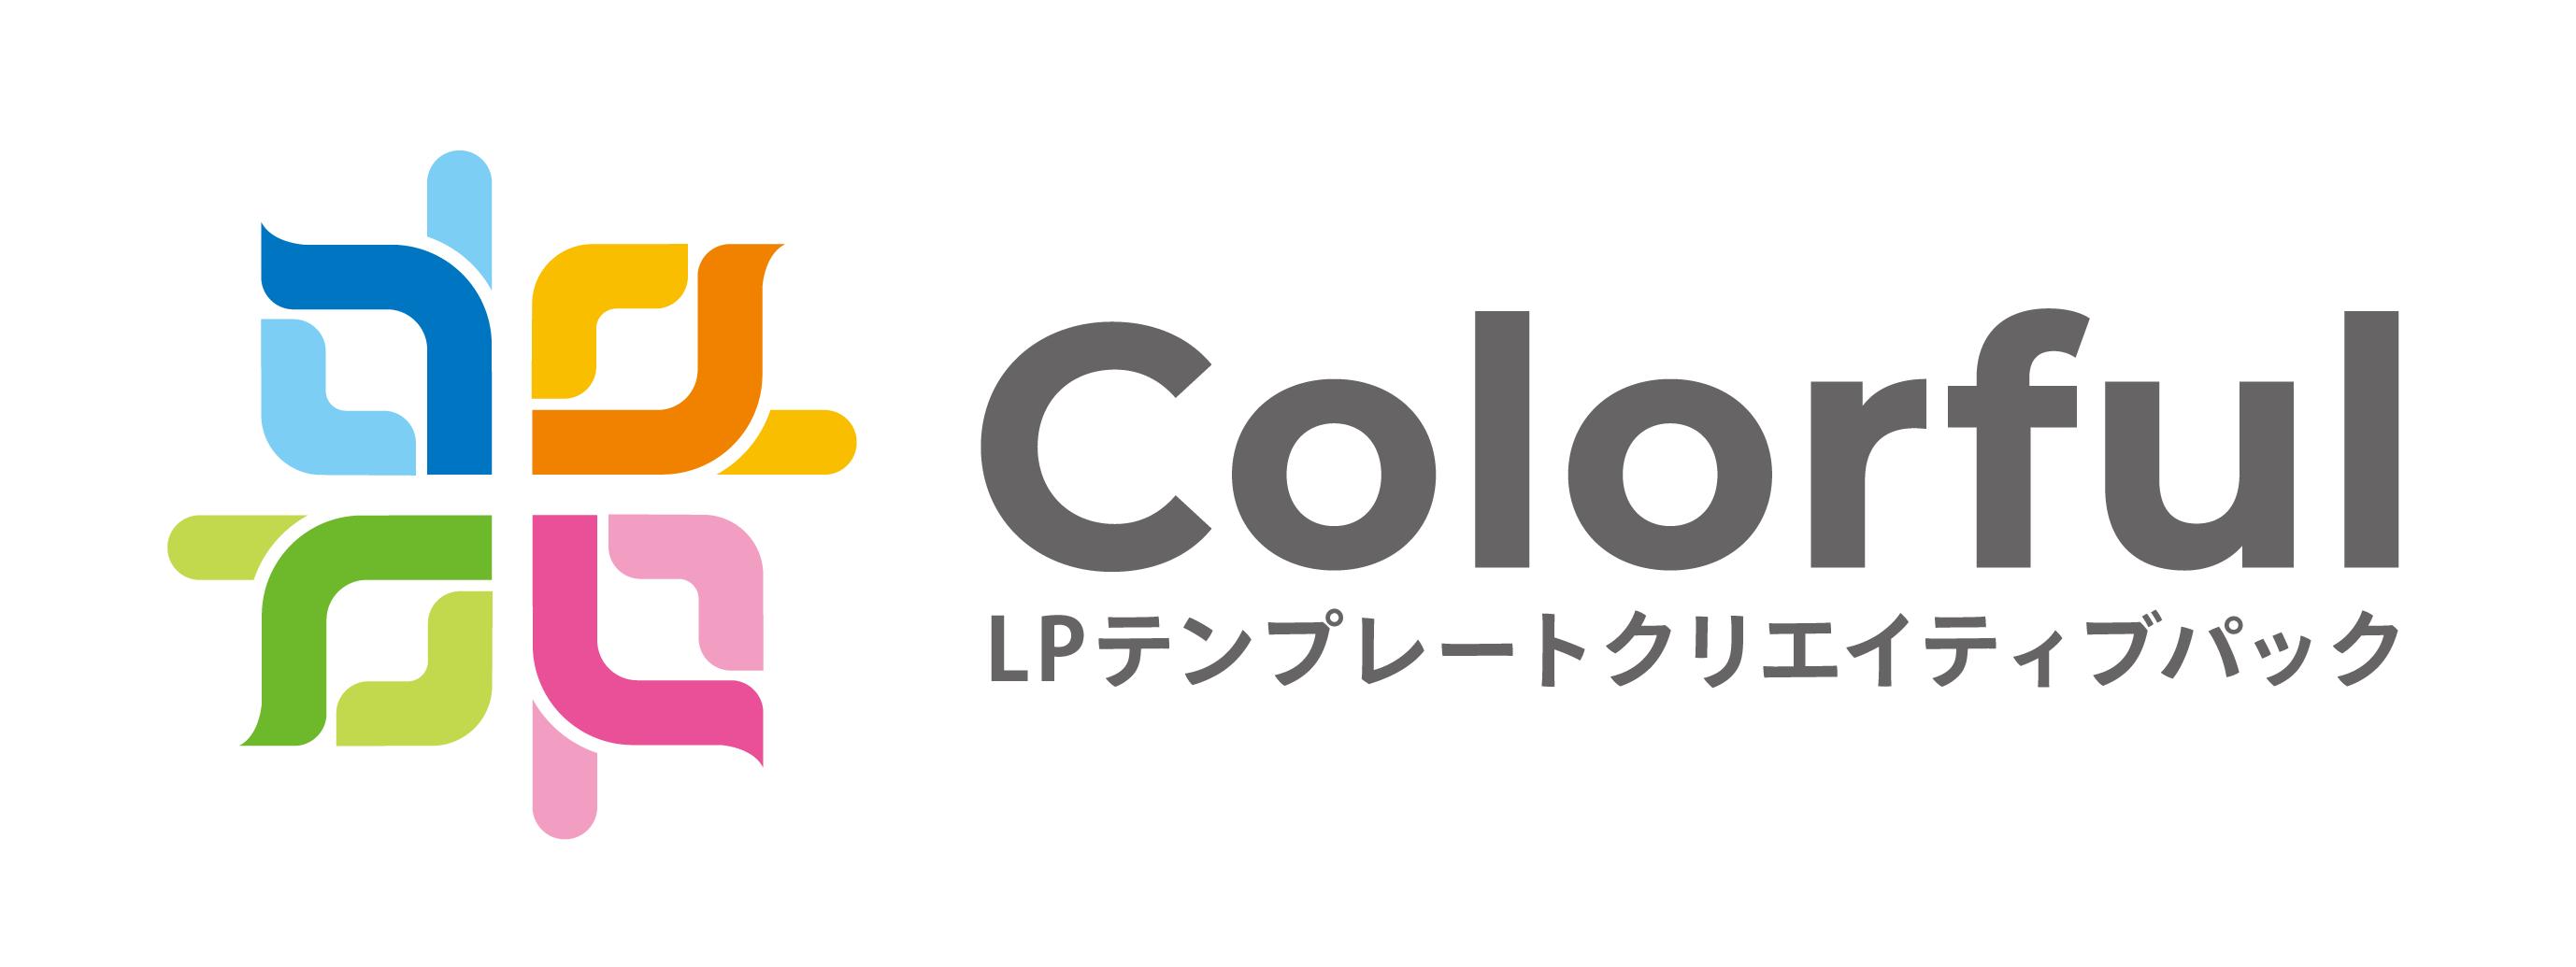 LPテンプレート「Colorful(カラフル) 」公式サイト